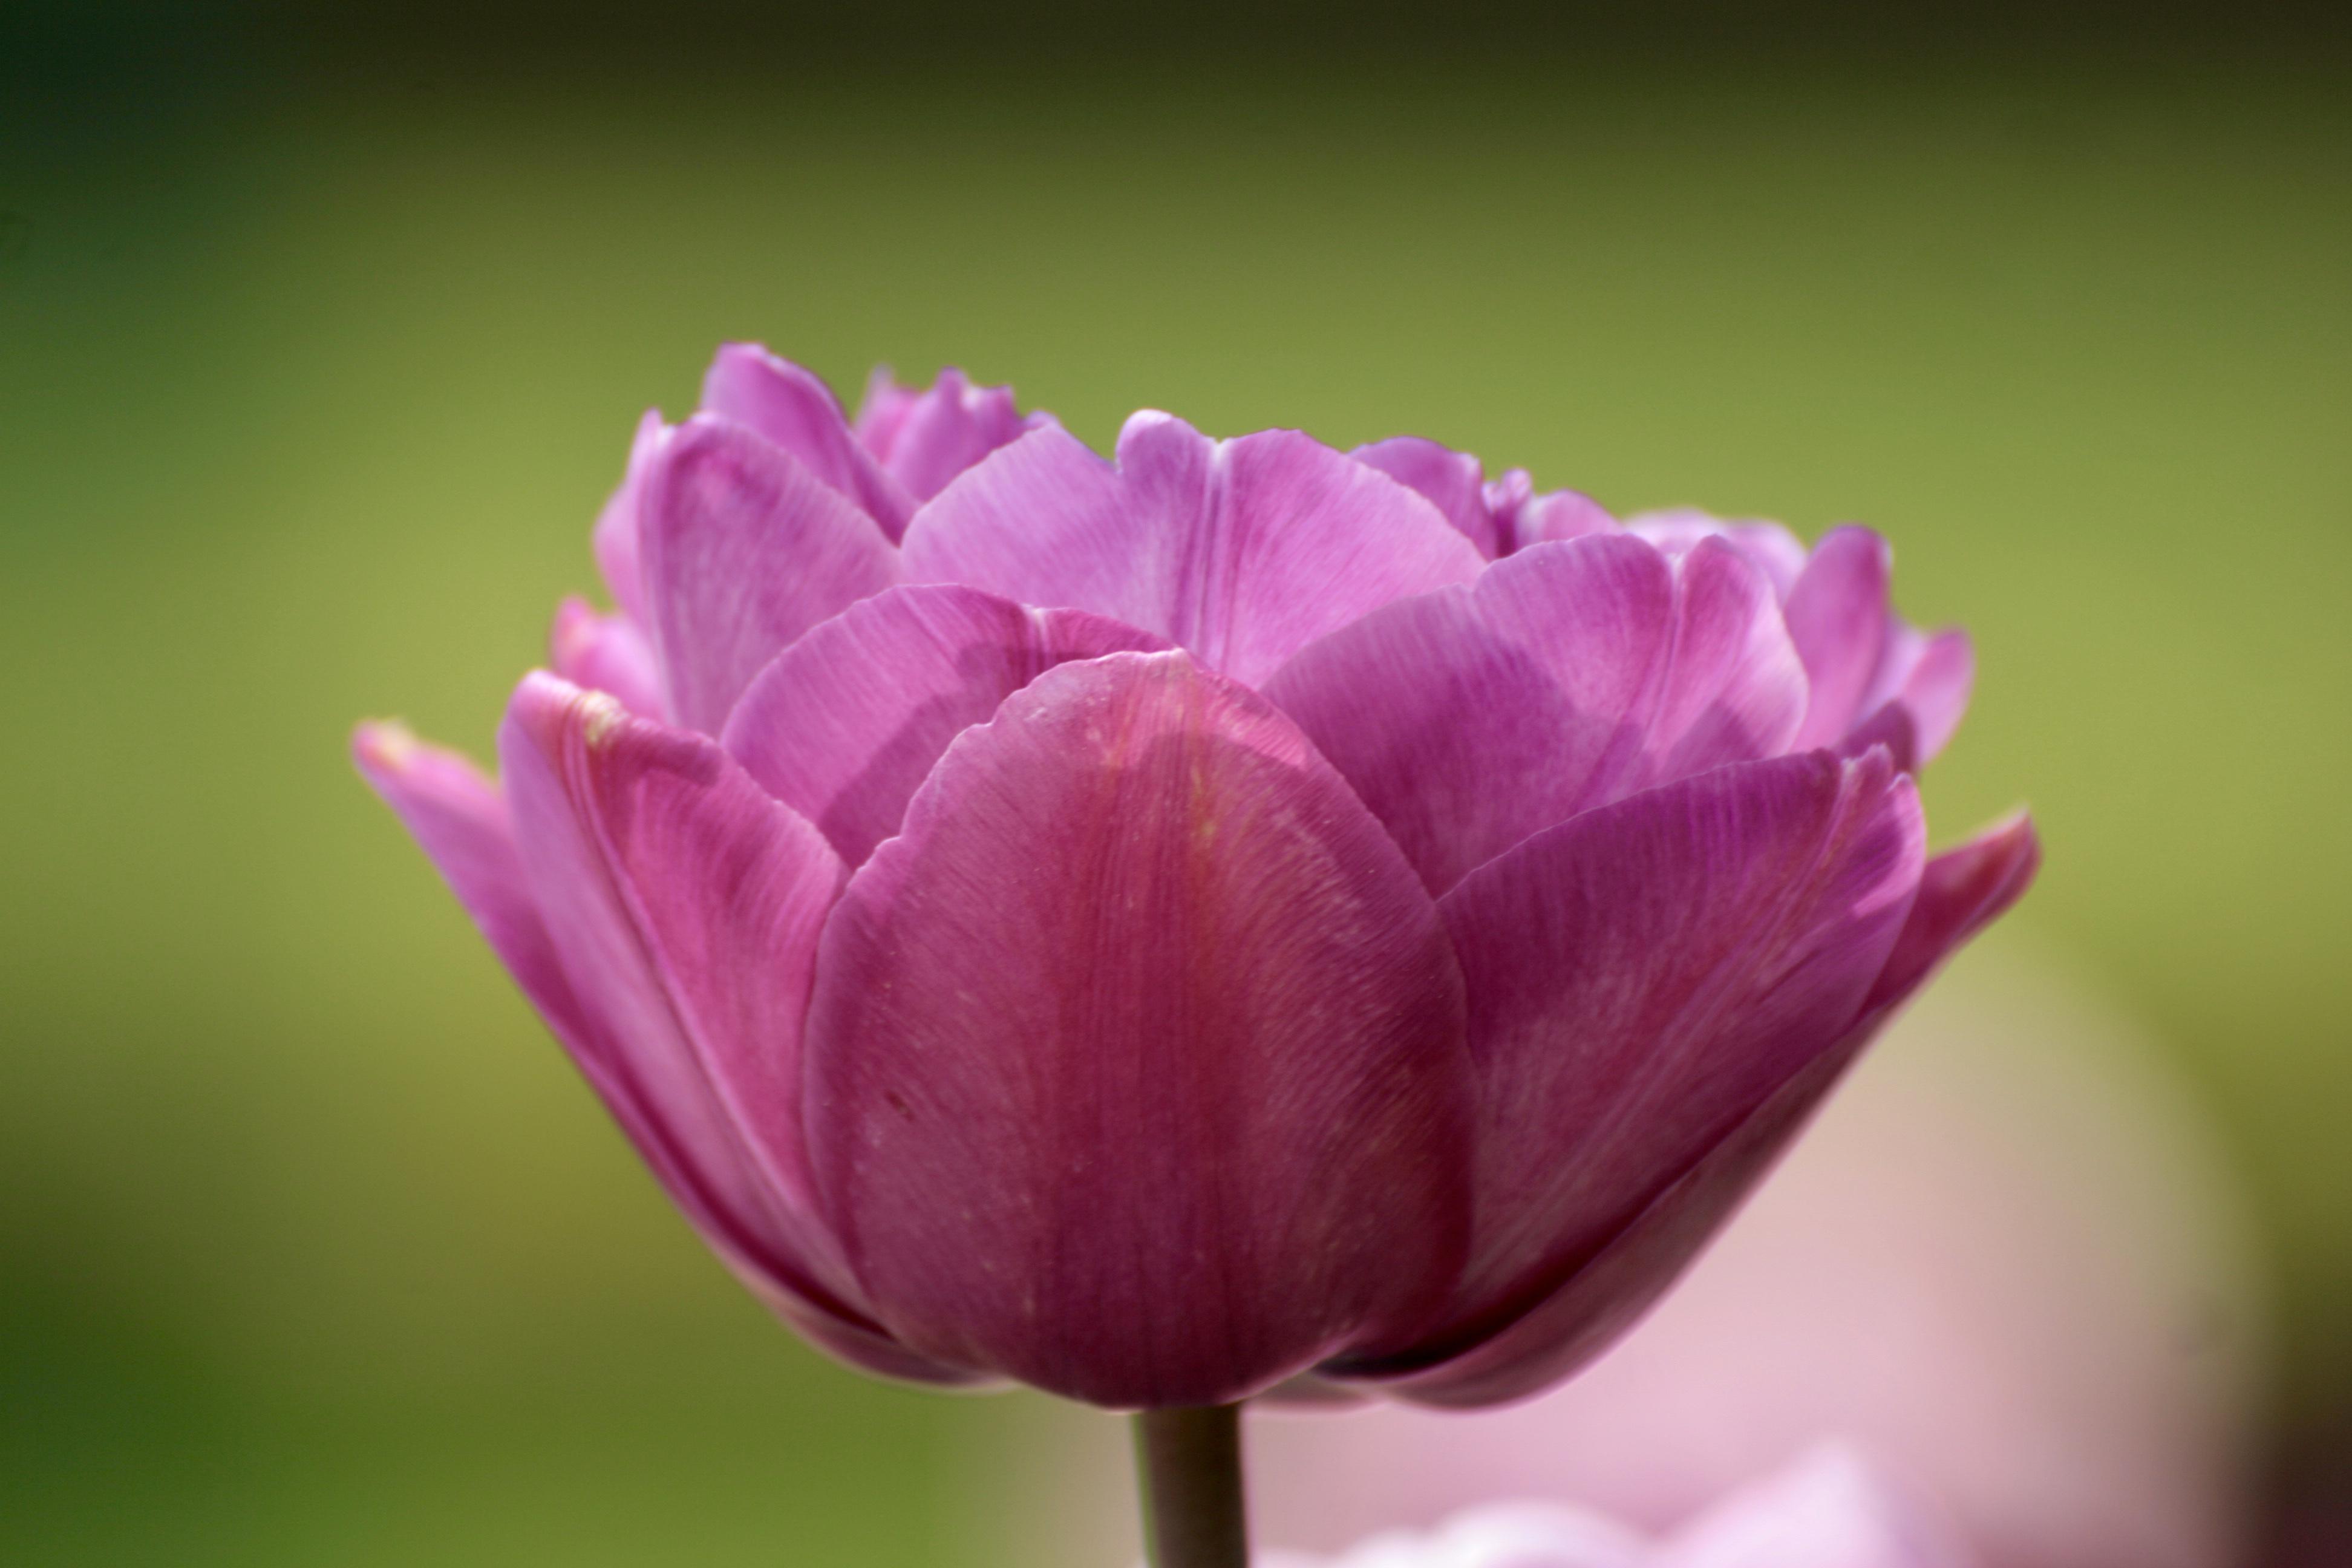 rosa Tulpenblüte